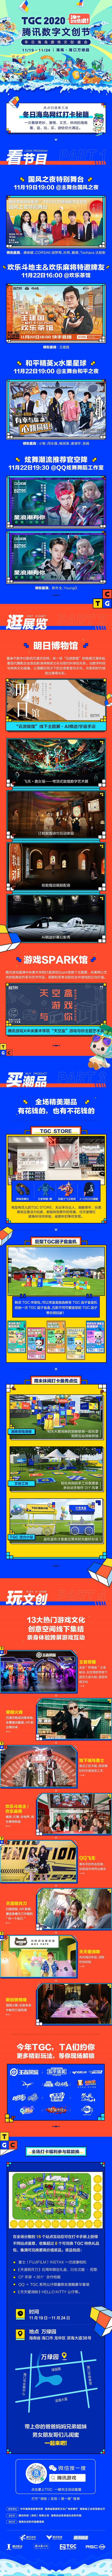 """冬日海岛网红打卡秘籍曝光!来TGC海南站一站式""""看逛玩买"""""""